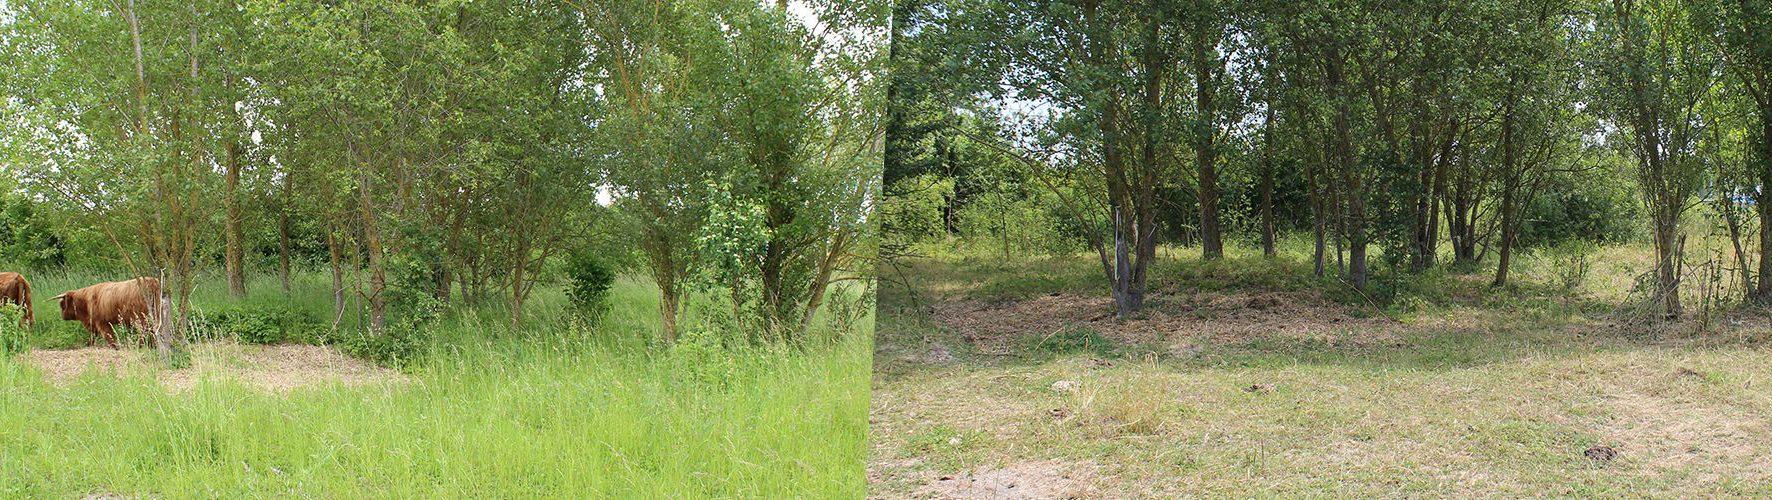 resultat-entretien-et-debroussaillage-du-terrain-par-nos-vaches-highland-cattle